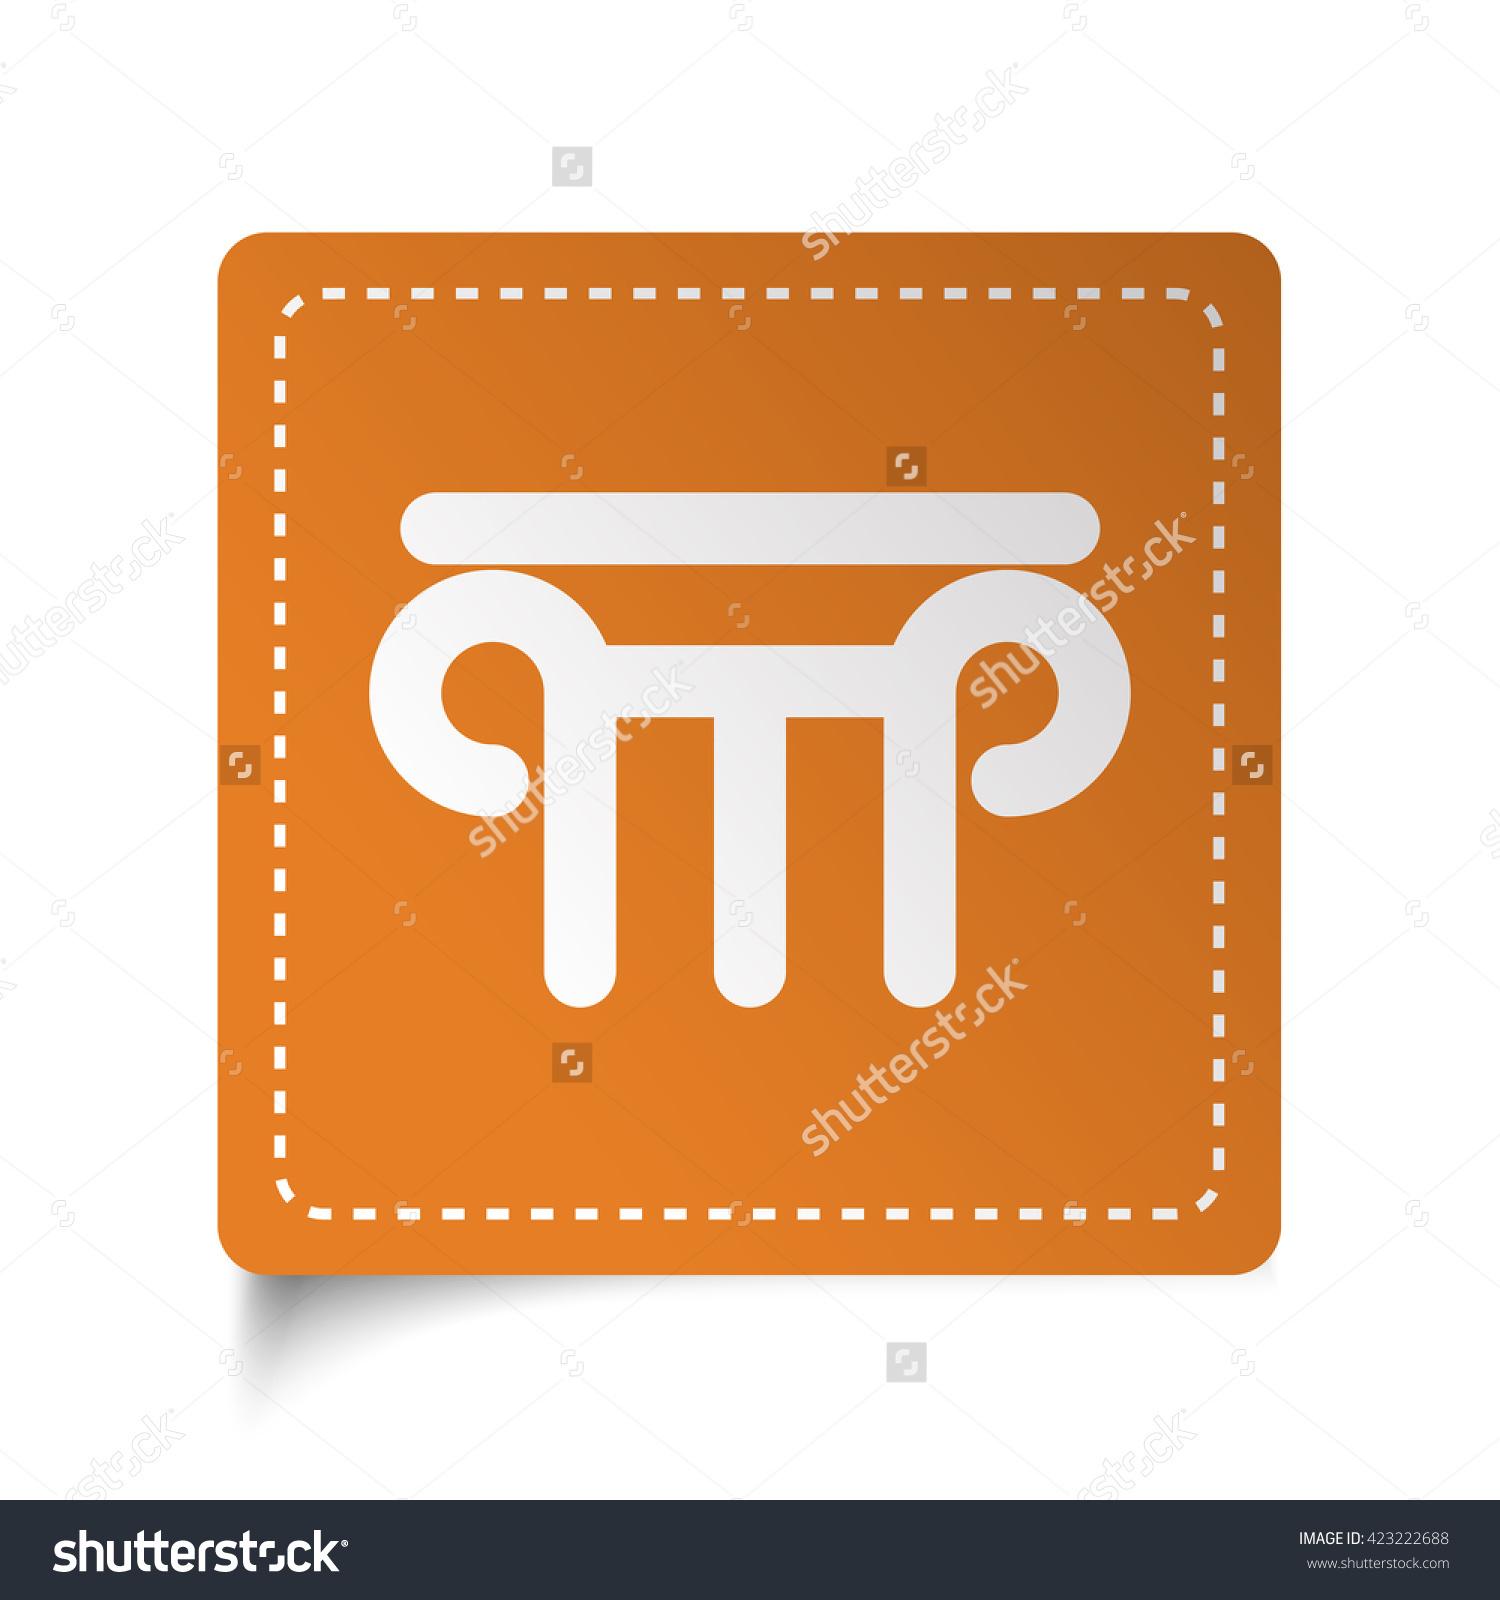 White Flat Column Icon On Orange Sticker Stock Photo 423222688.